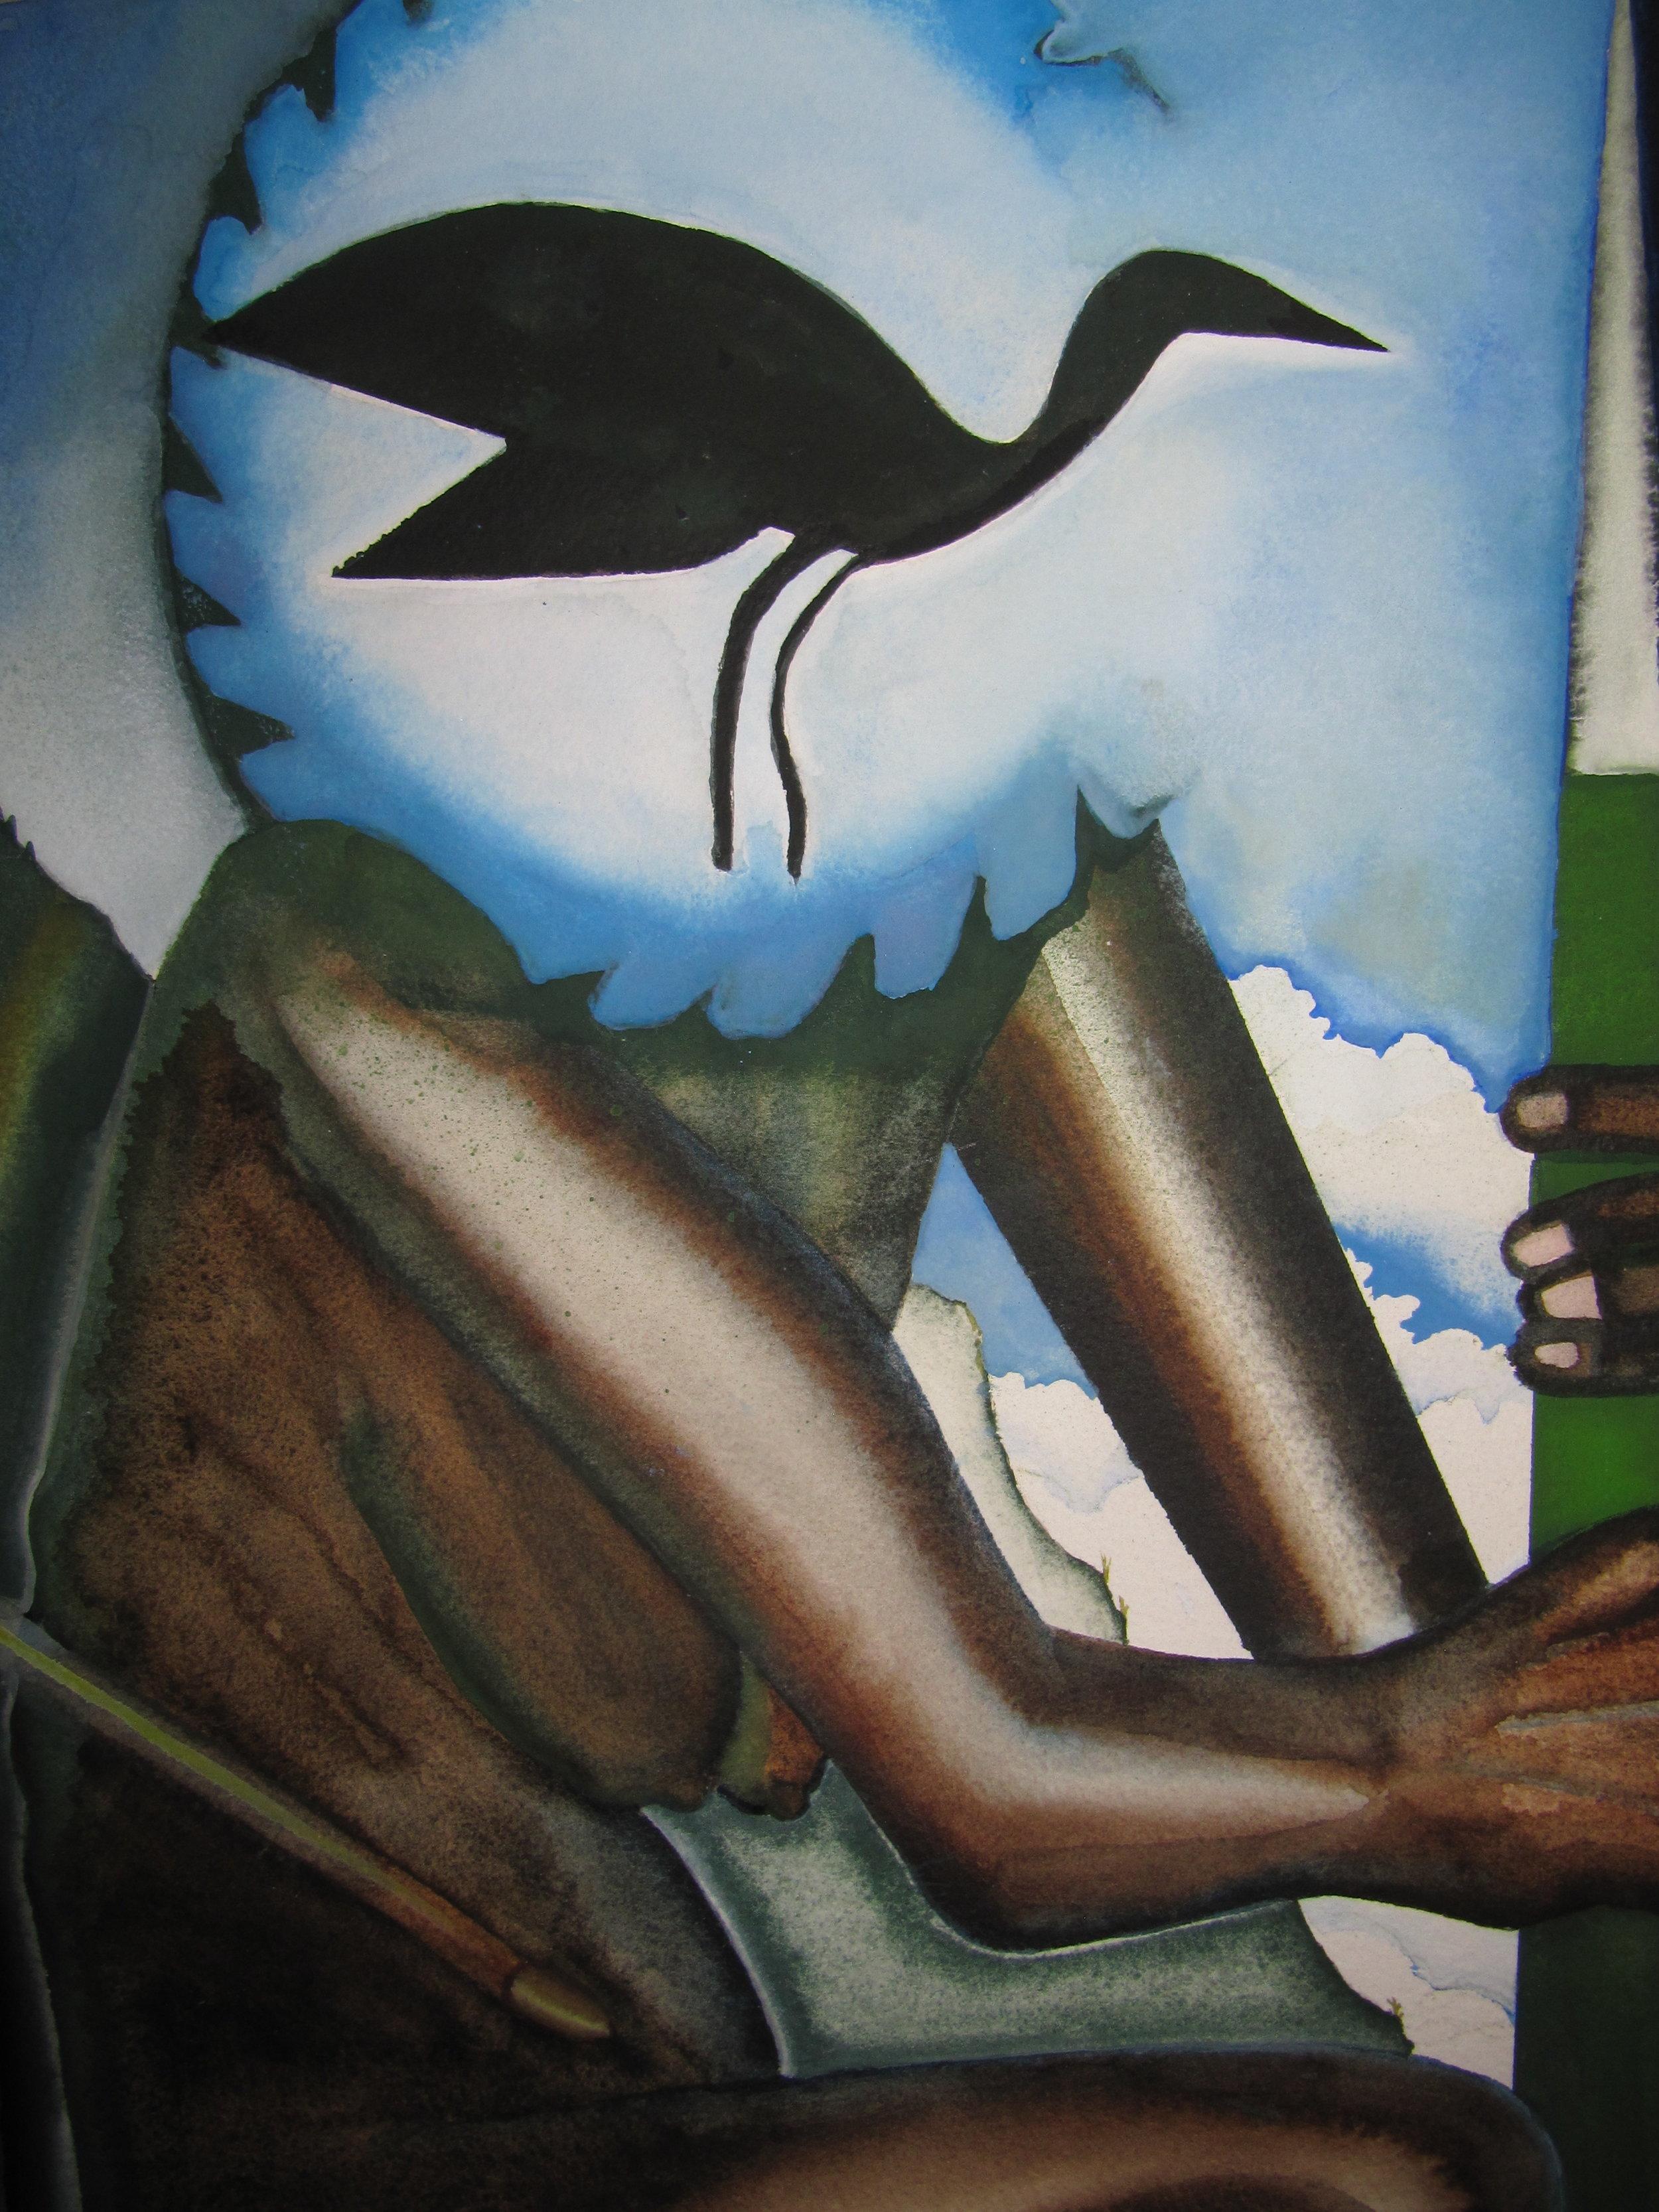 Detail, Sangoma with bird